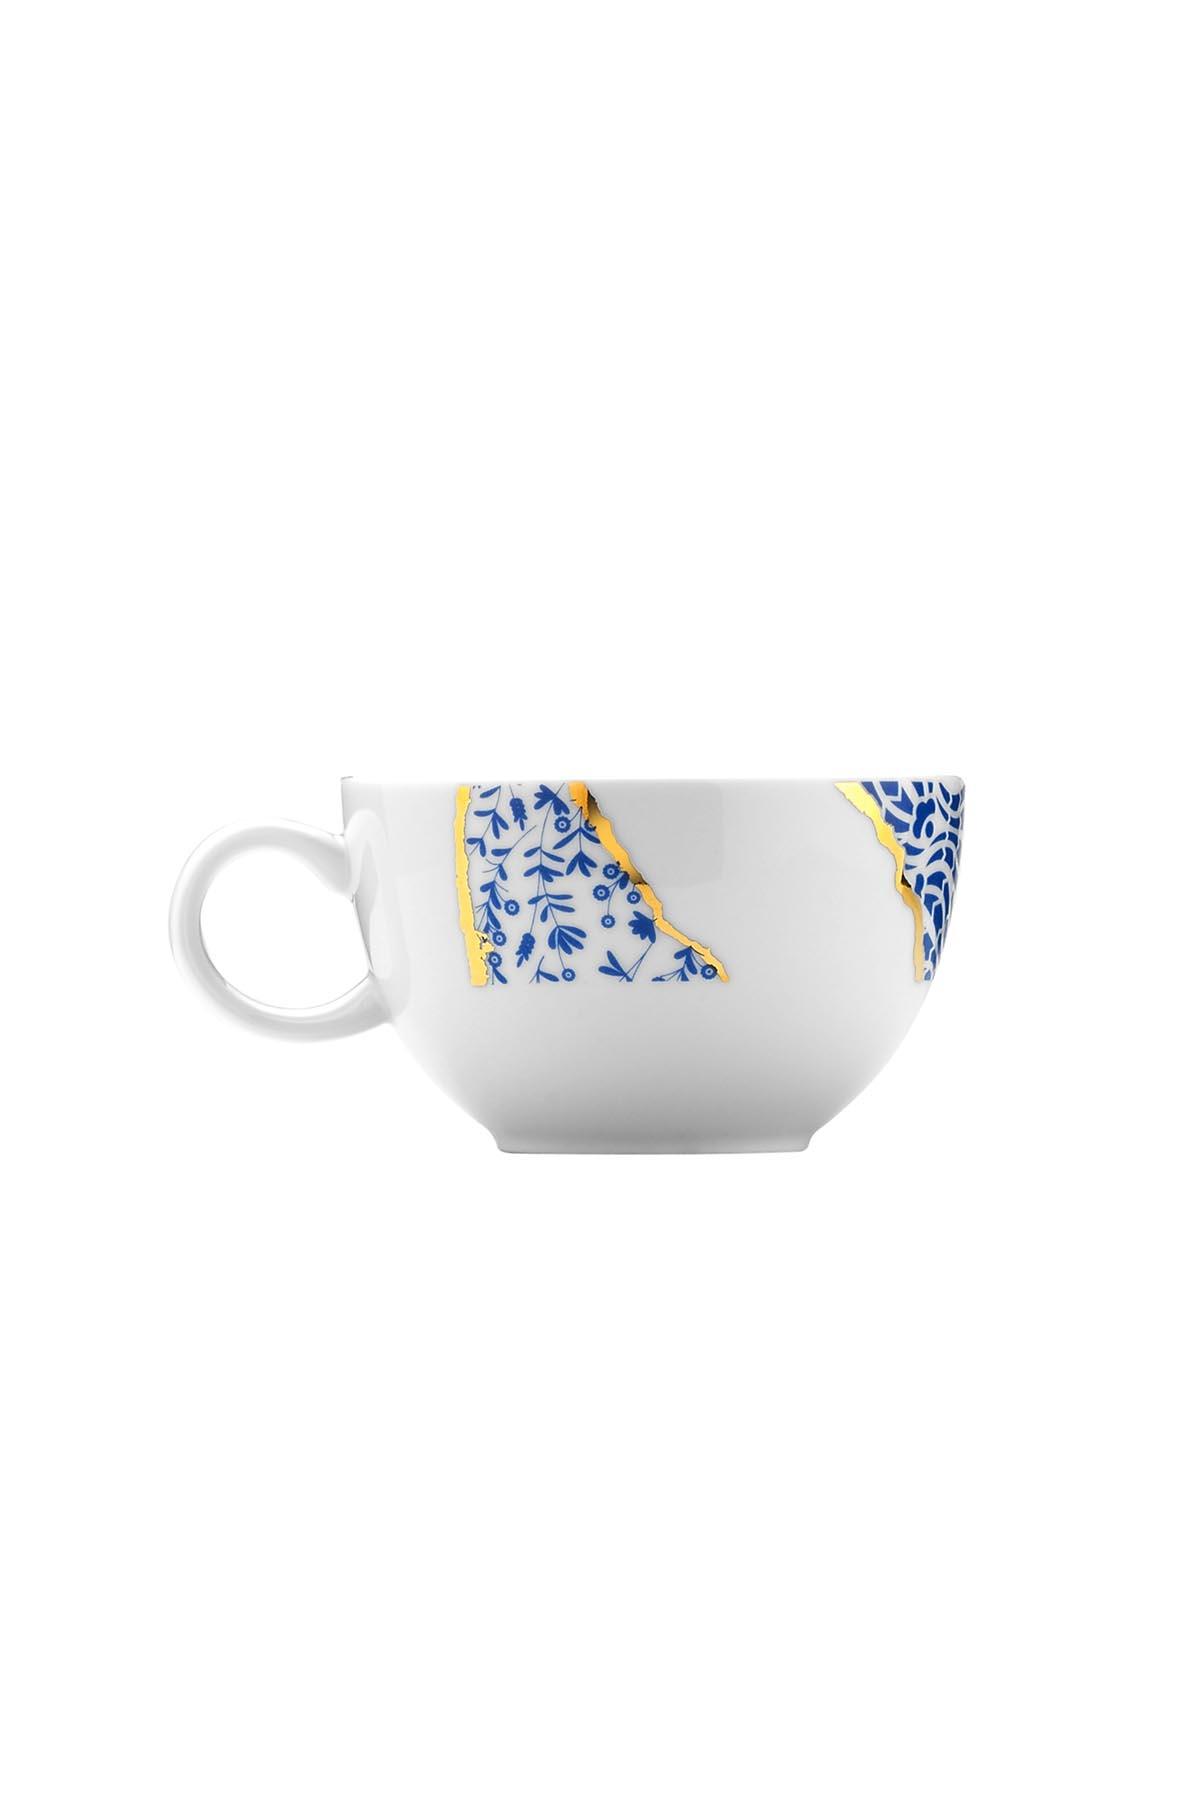 Kütahya Porselen Zeugma Kintsugi Çay Takımı